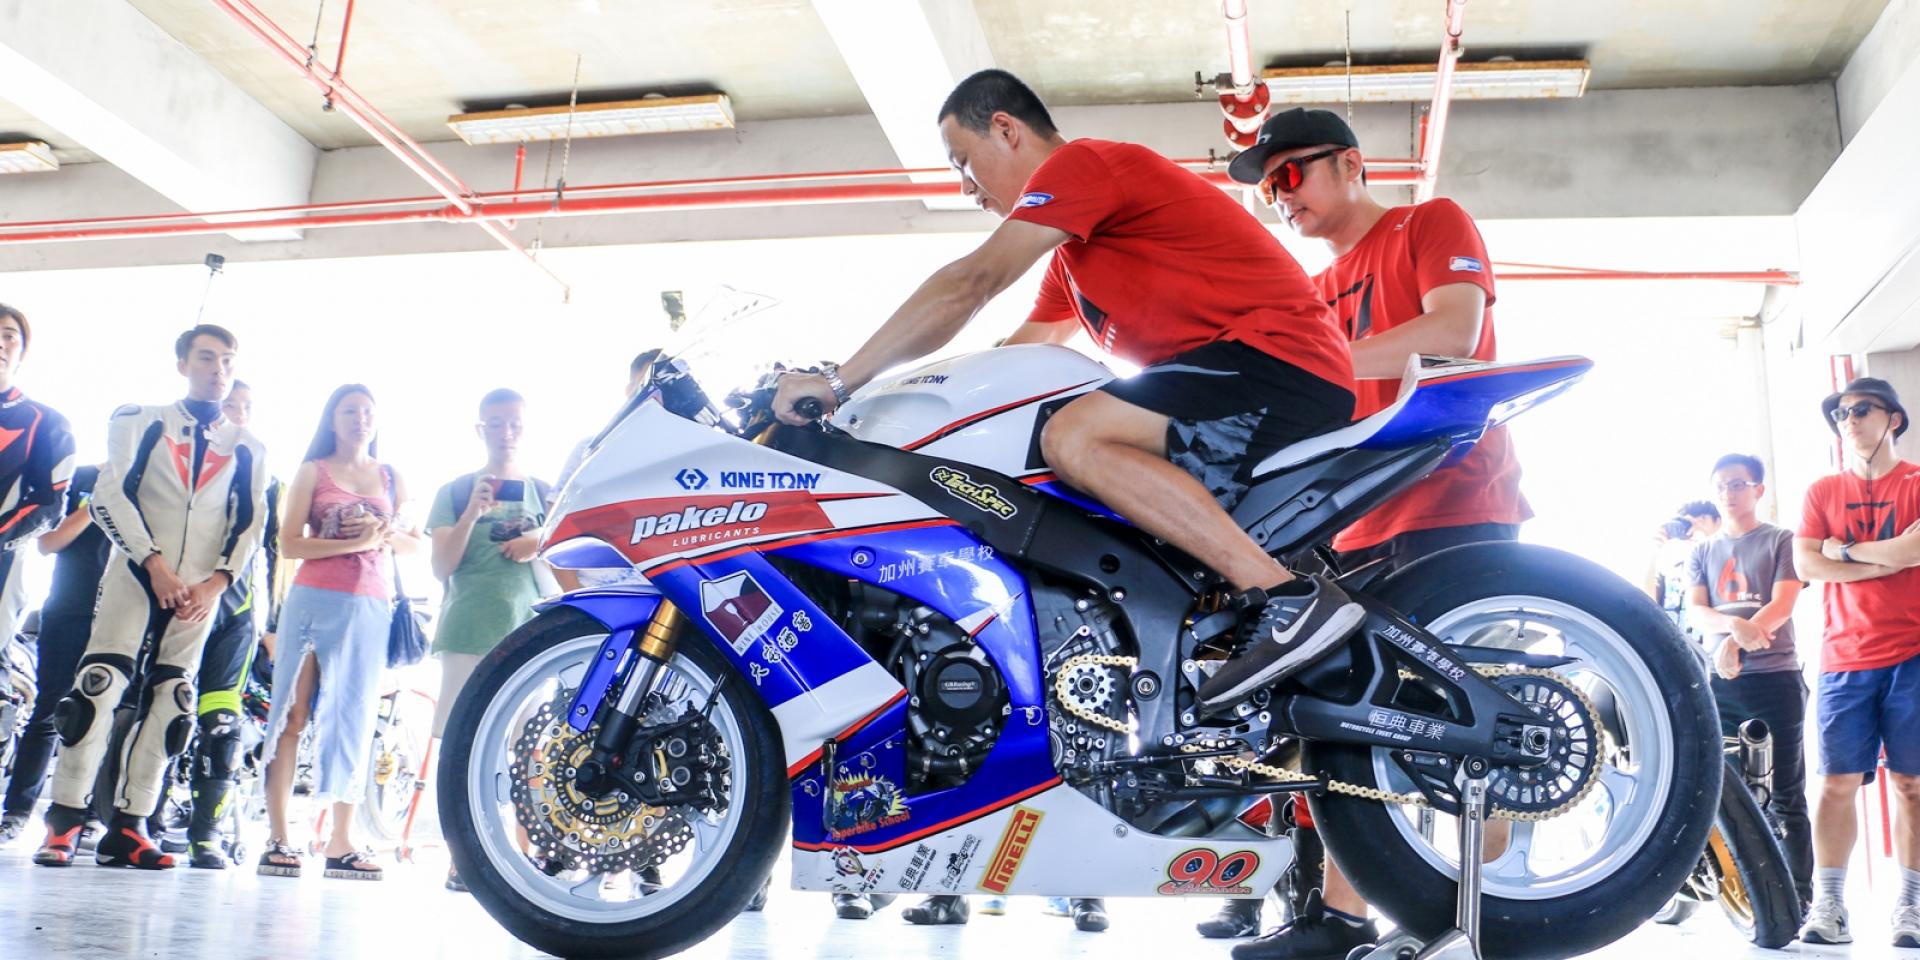 分解關卡小班教學,騎乘技巧更上層樓。PIC超級摩托車訓練營